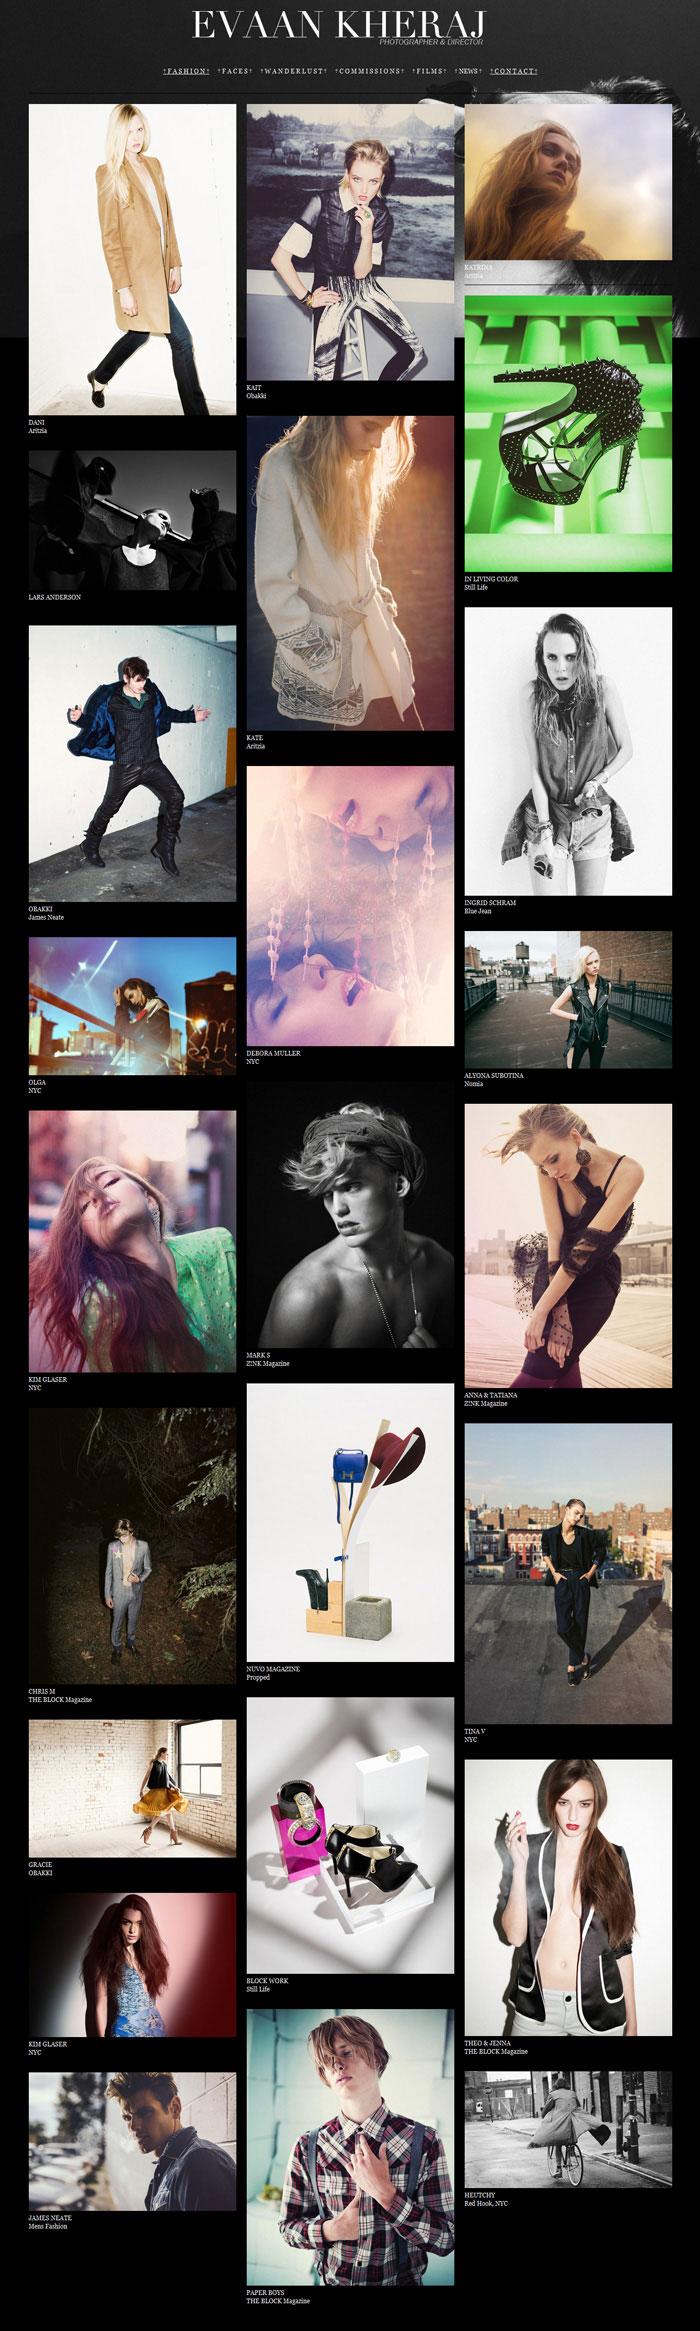 páginas web de fotografía